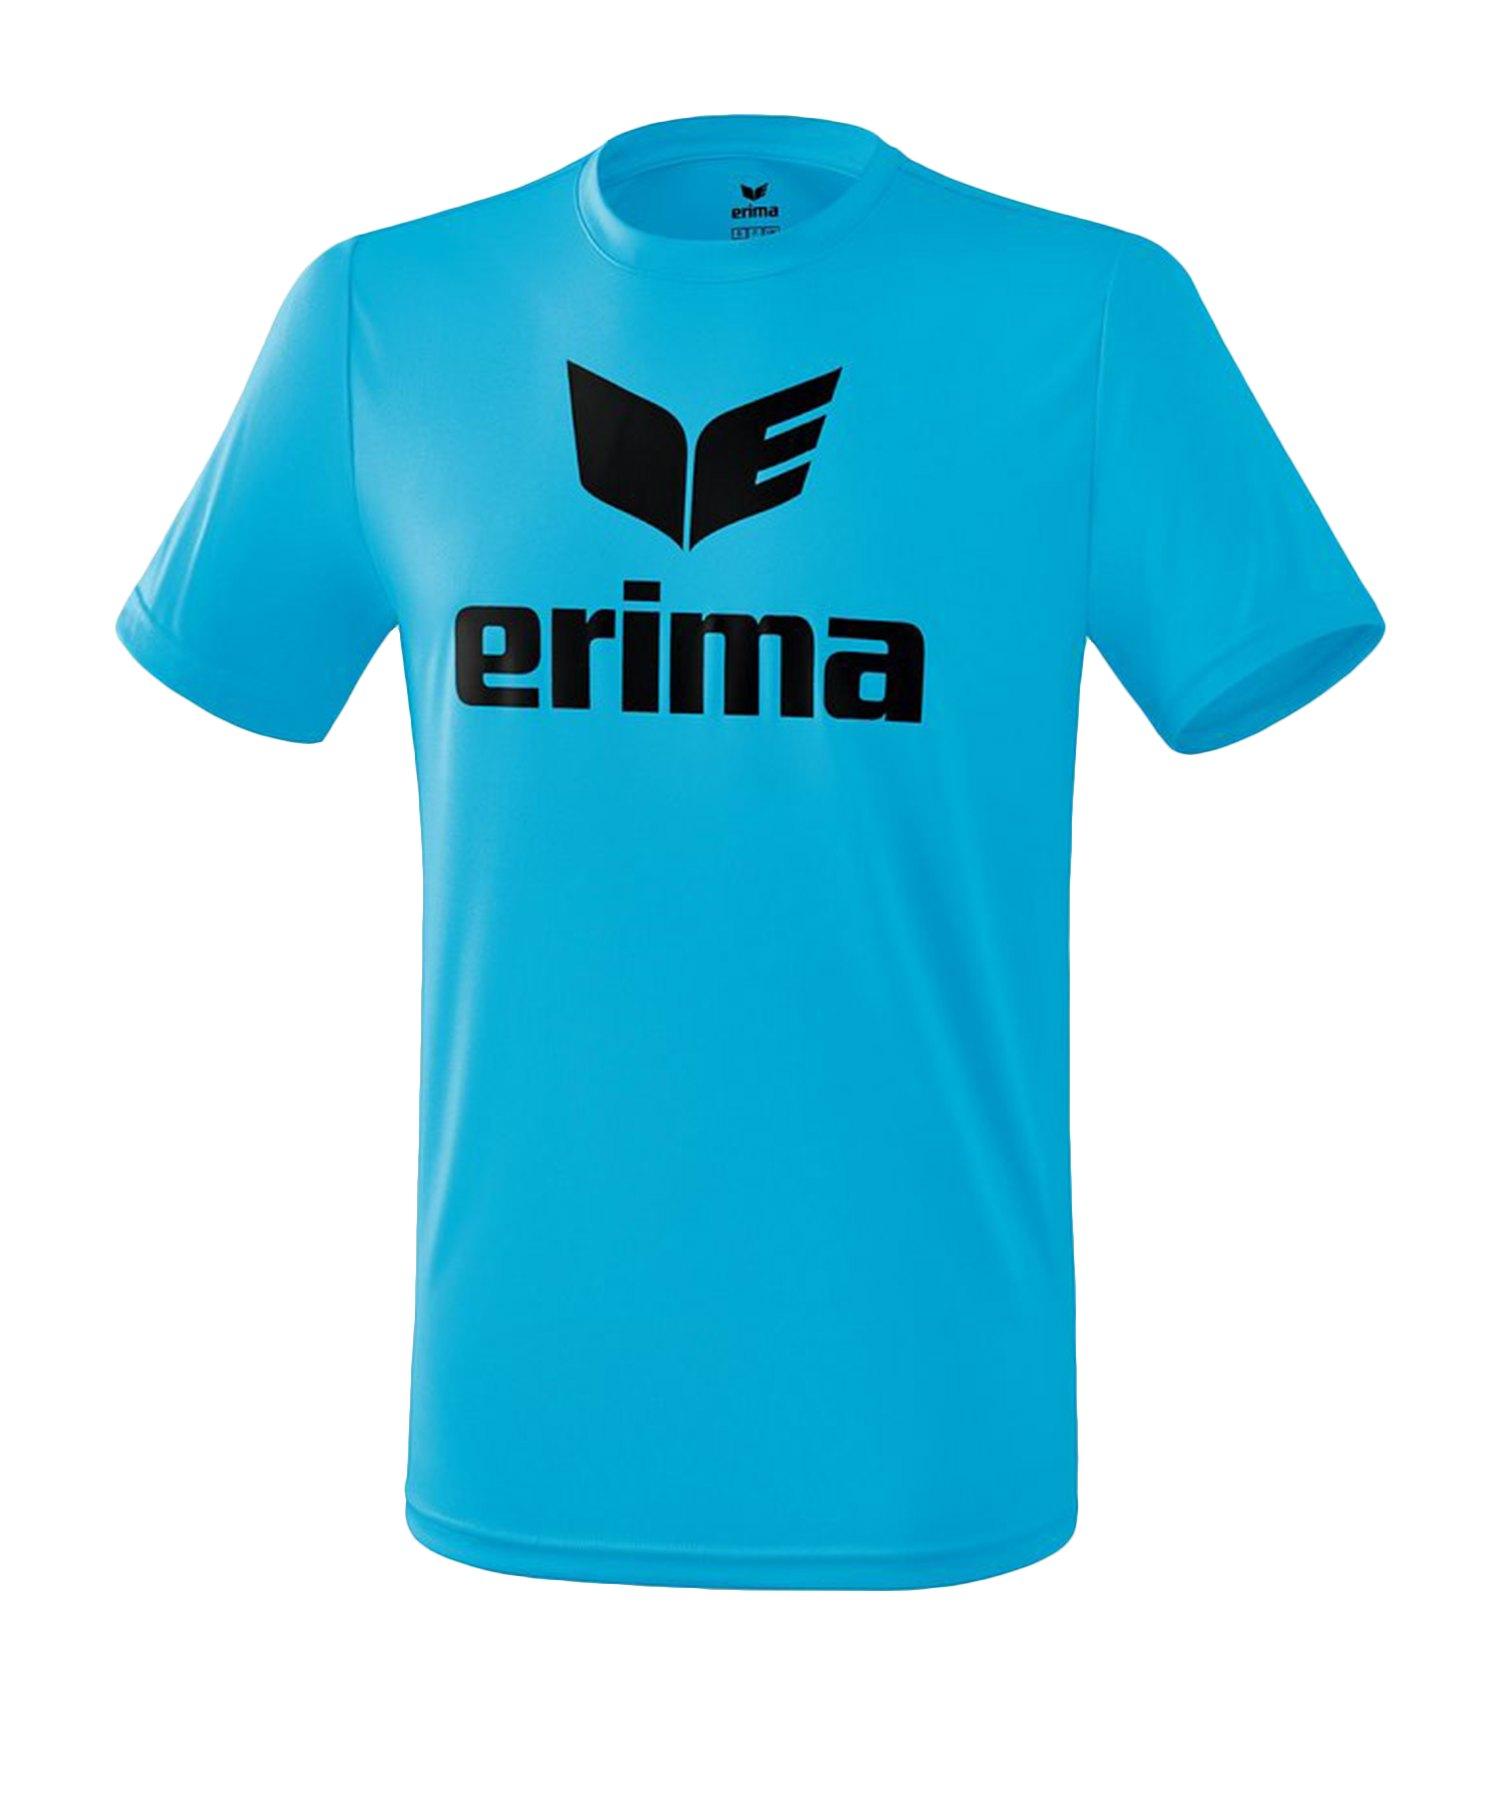 Erima Funktions Promo T-Shirt Blau Schwarz - Blau